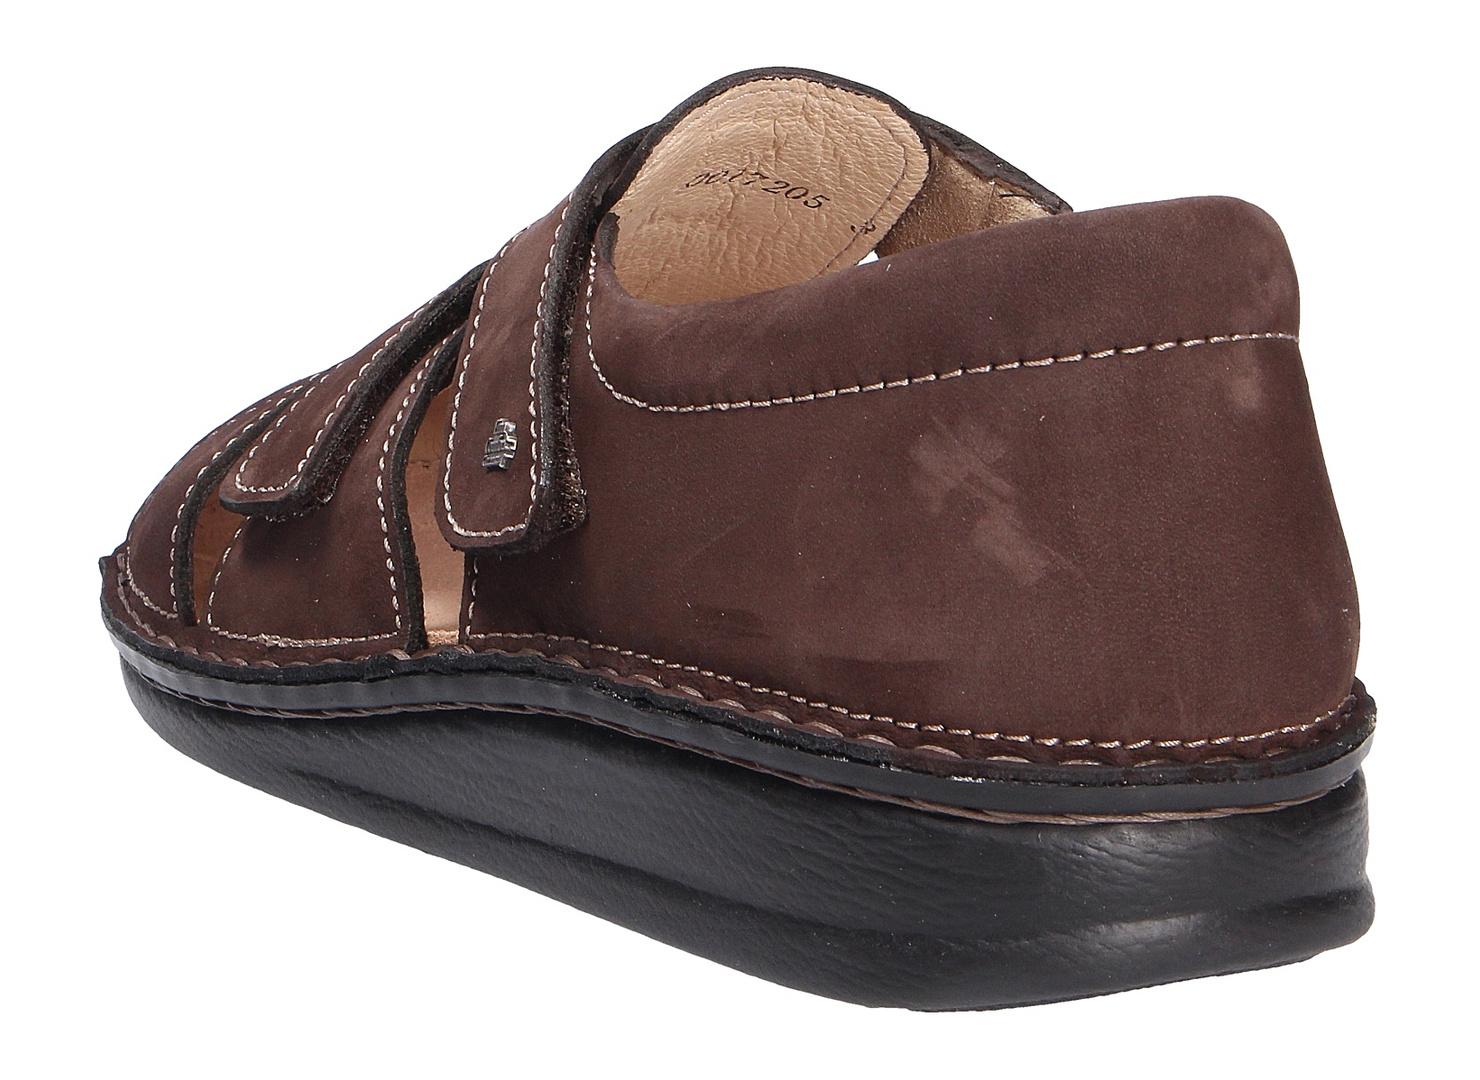 Finn Comfort Herren Sandale | Komfort Slipper | SLIPPER